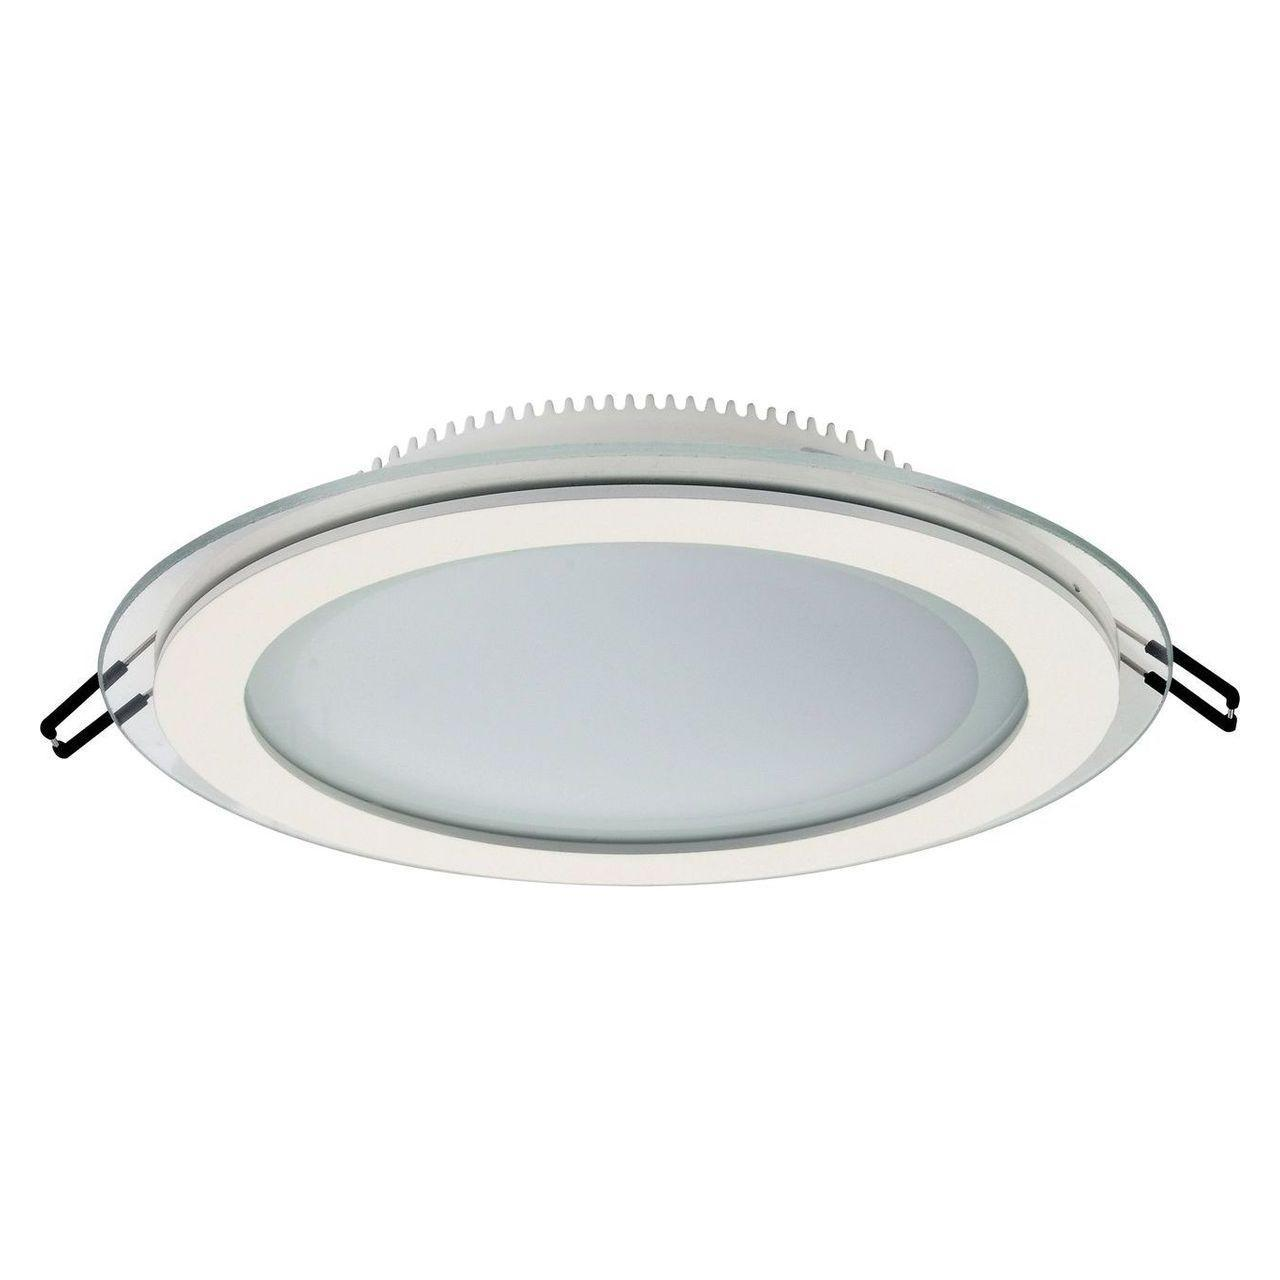 Встраиваемый светодиодный светильник Horoz 15W 6400K белый 016-016-0015 (HL689LG) встраиваемый светодиодный светильник horoz 15w 6000к белый 016 017 0015 hl6756l